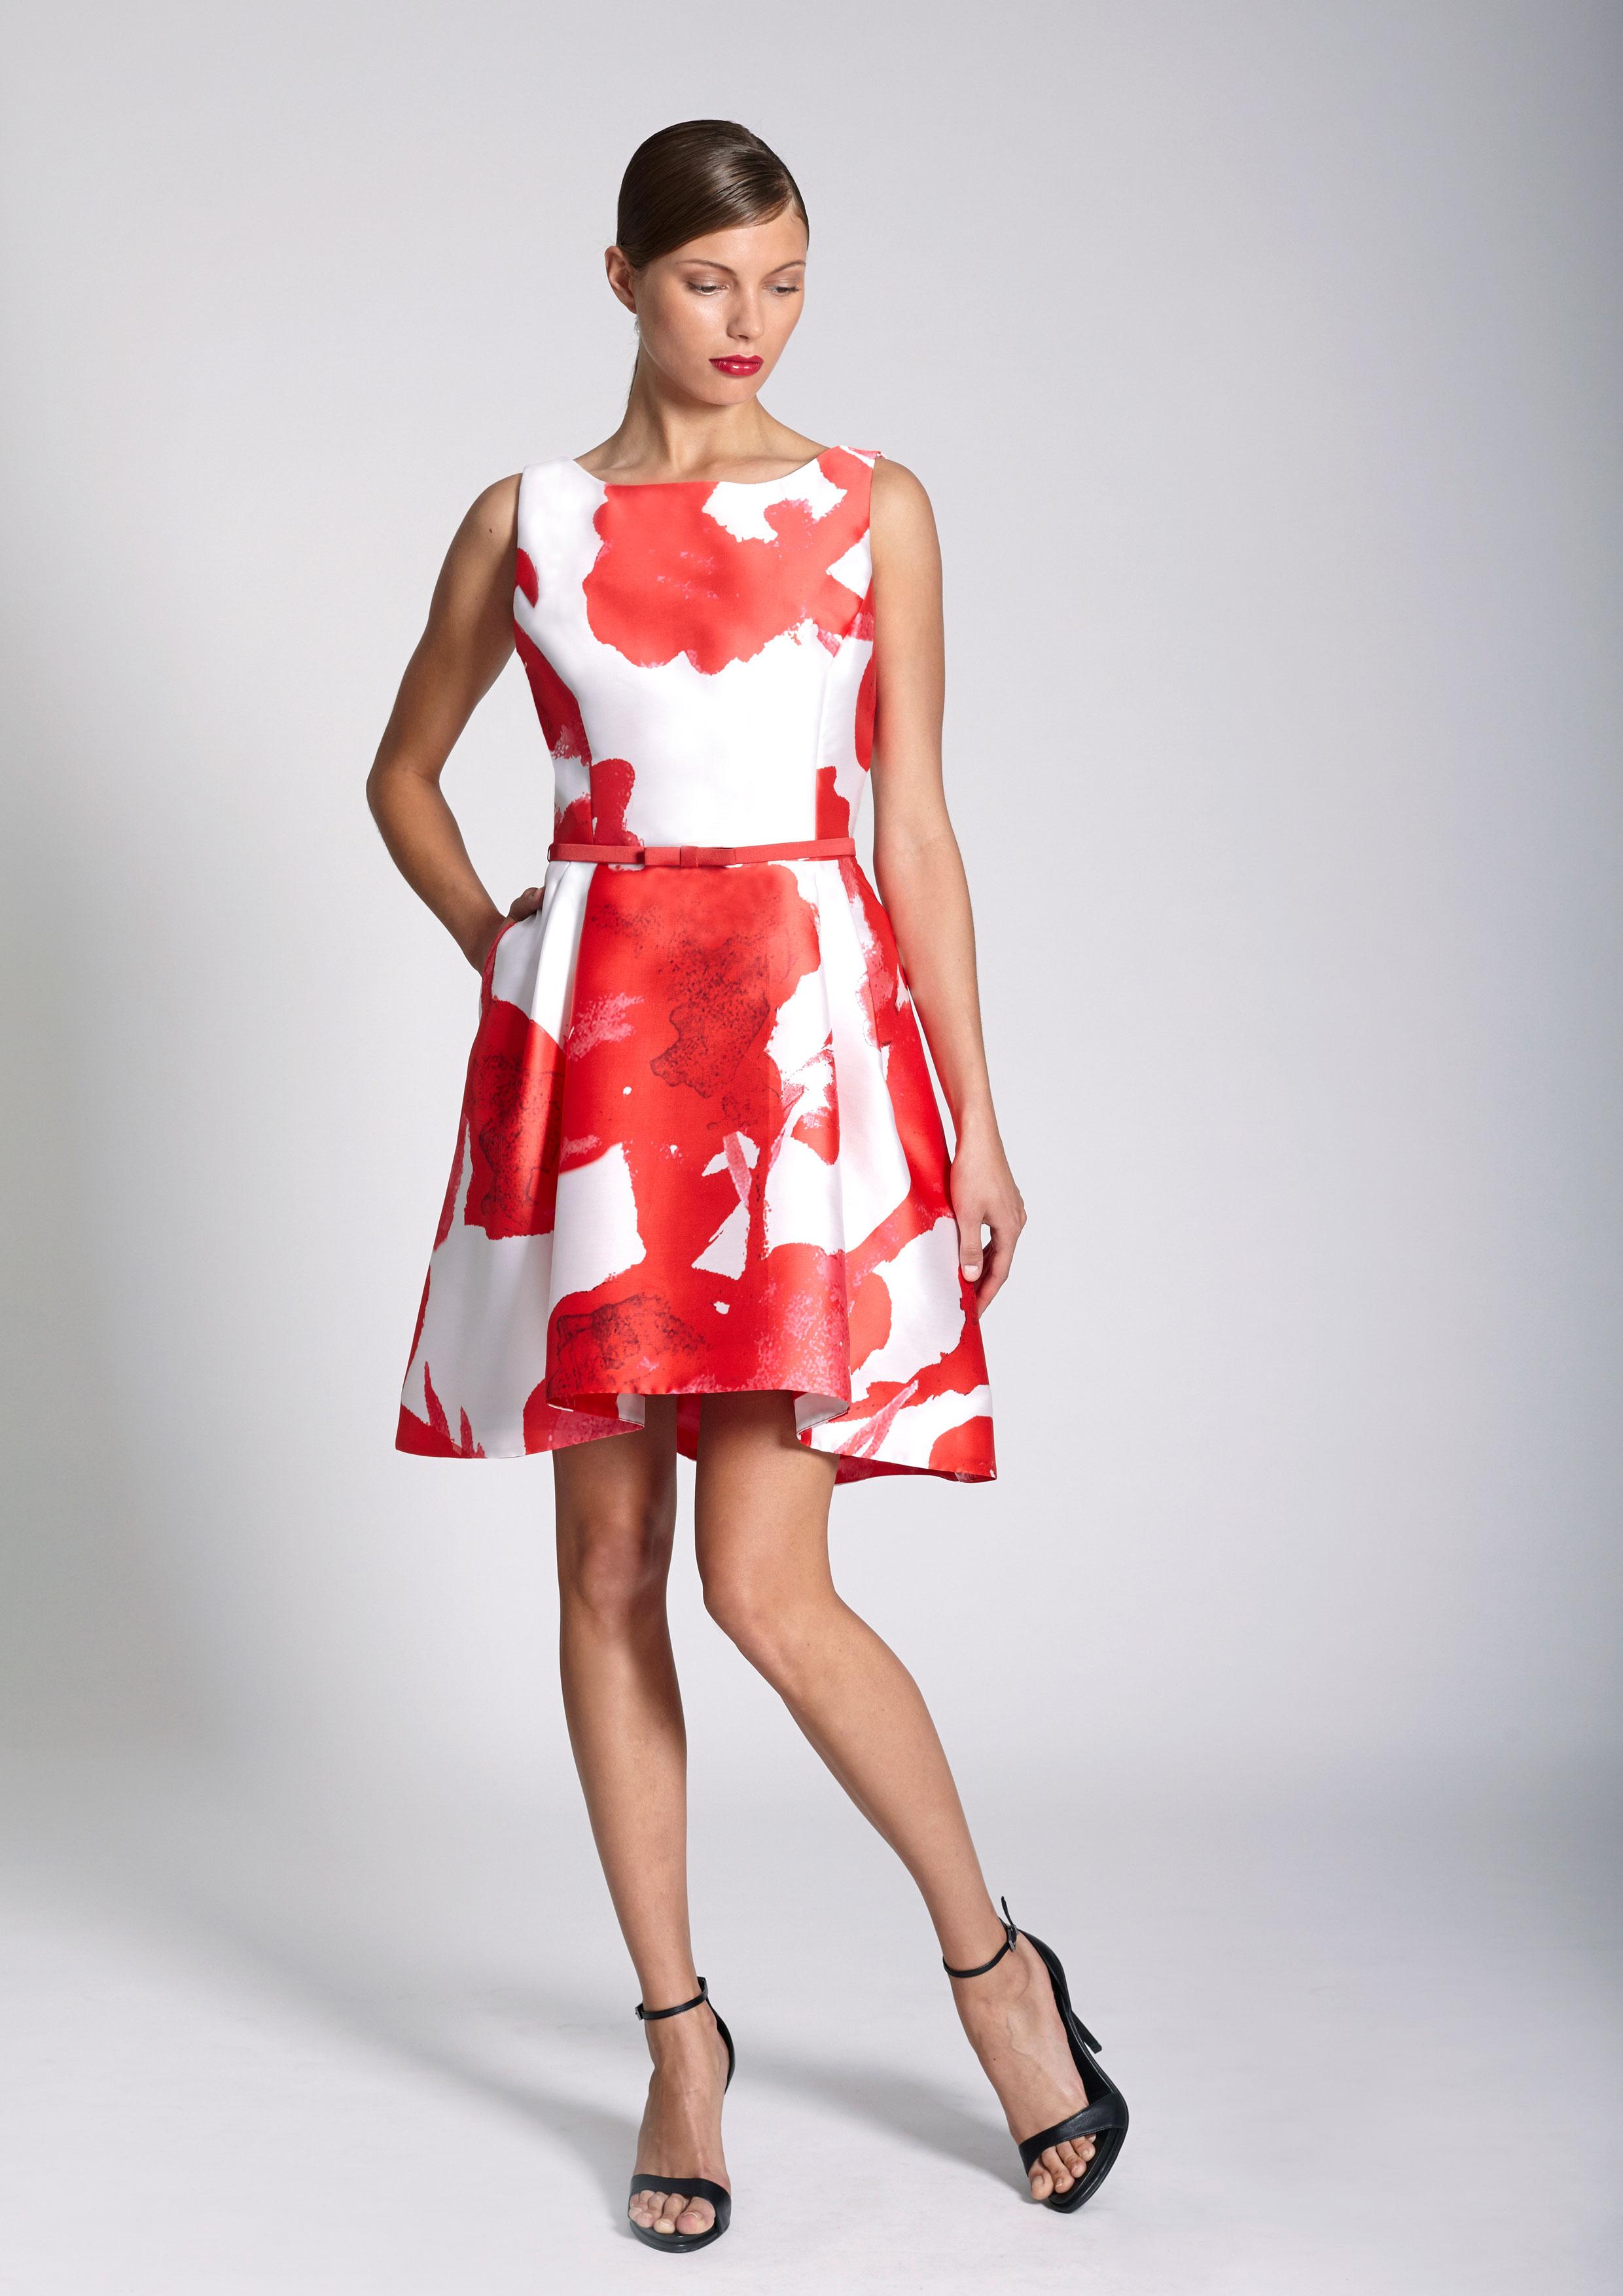 daeb5d6cf8a4d Vestidos rojo y blanco - Vestidos rojos